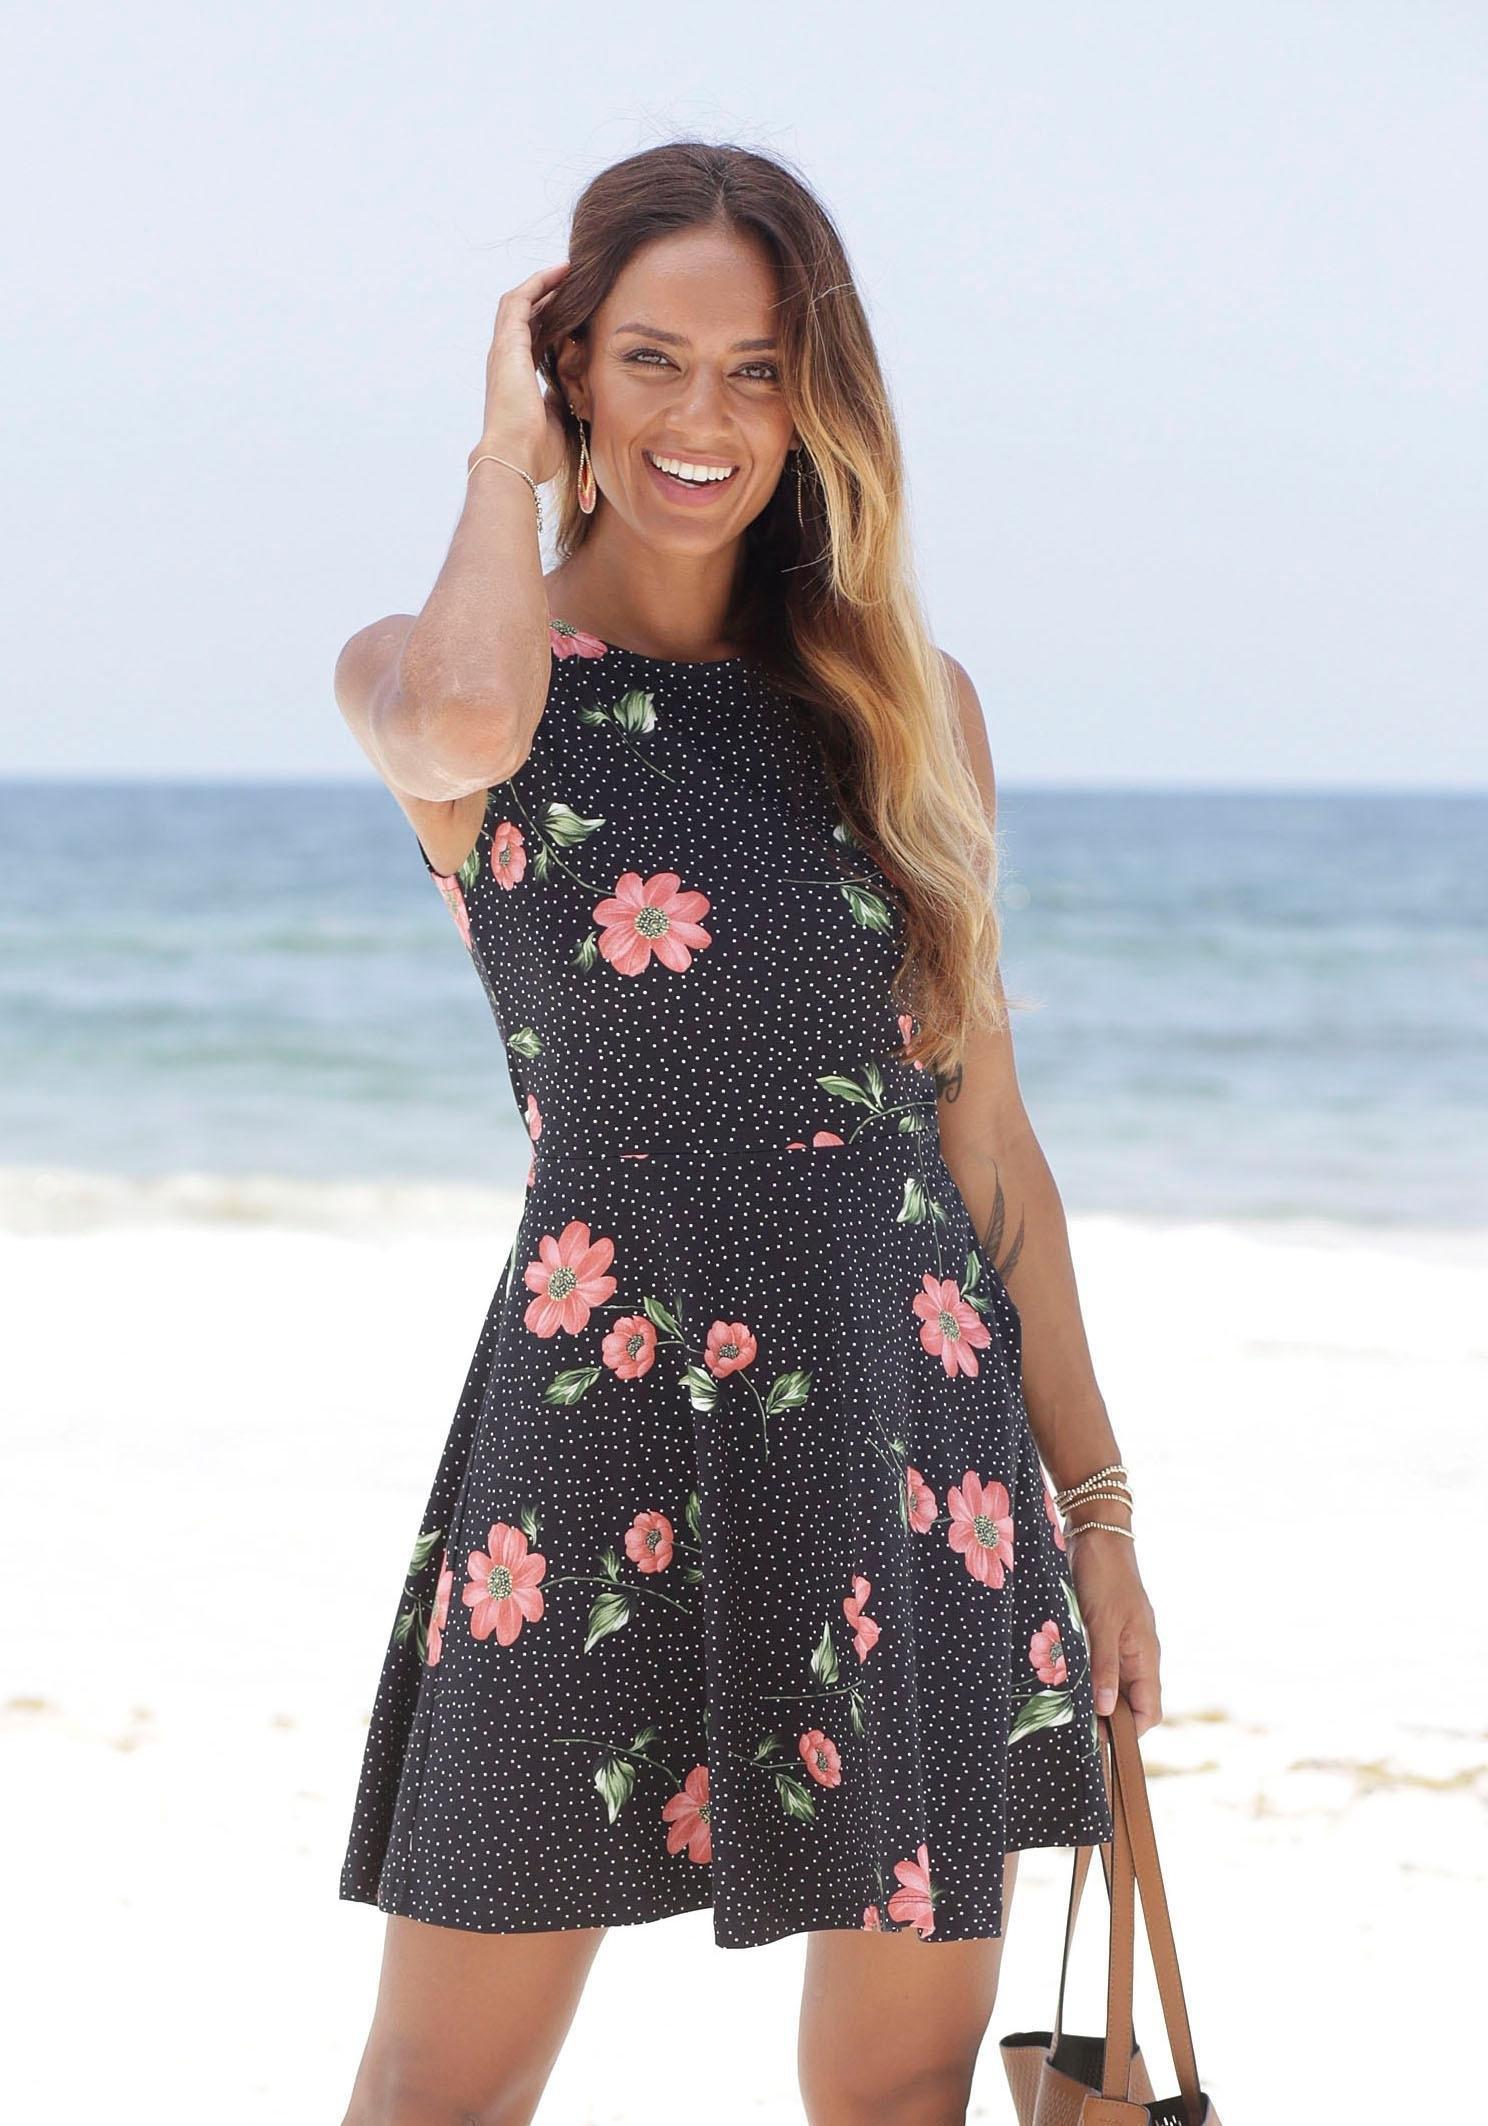 beachtime strandjurk met bloemenprint goedkoop op otto.nl kopen